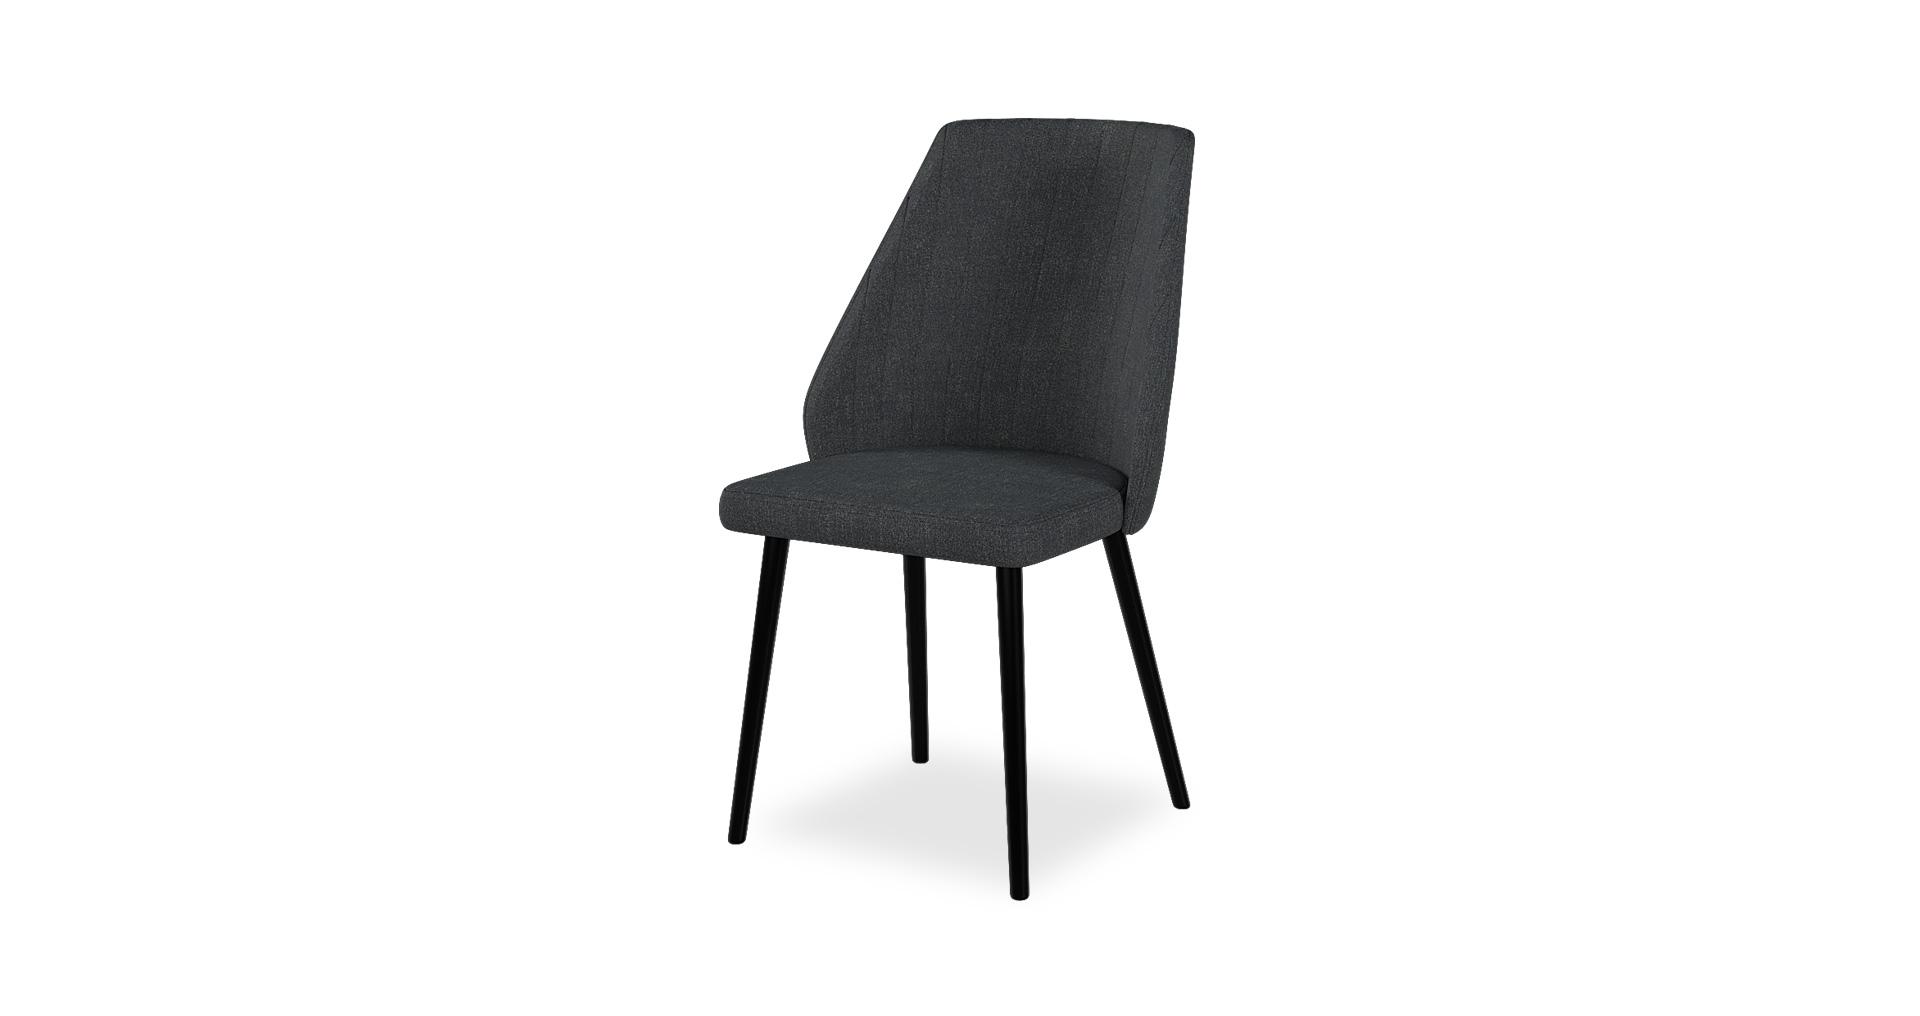 כסא צ'פלין בגוון כחול רעם